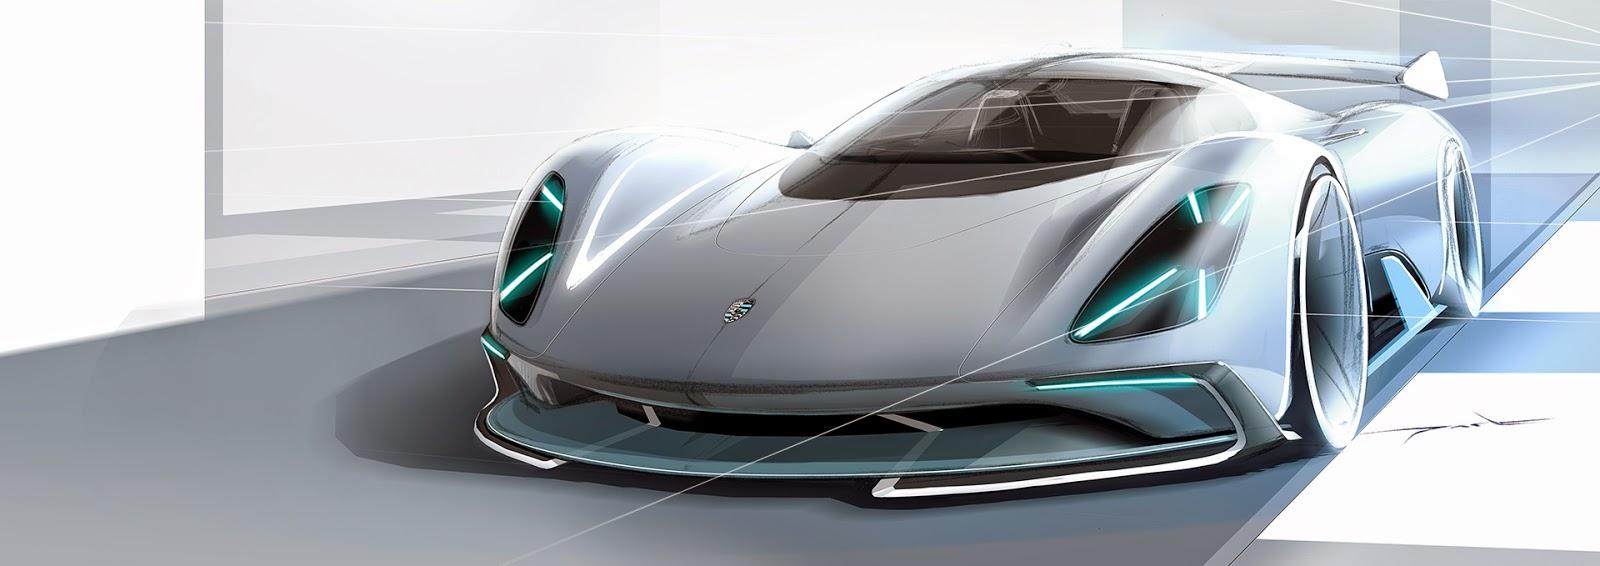 Porsche Electric Le Mans 2035 Prototype Looks Believable and Makes Perfect  Sense